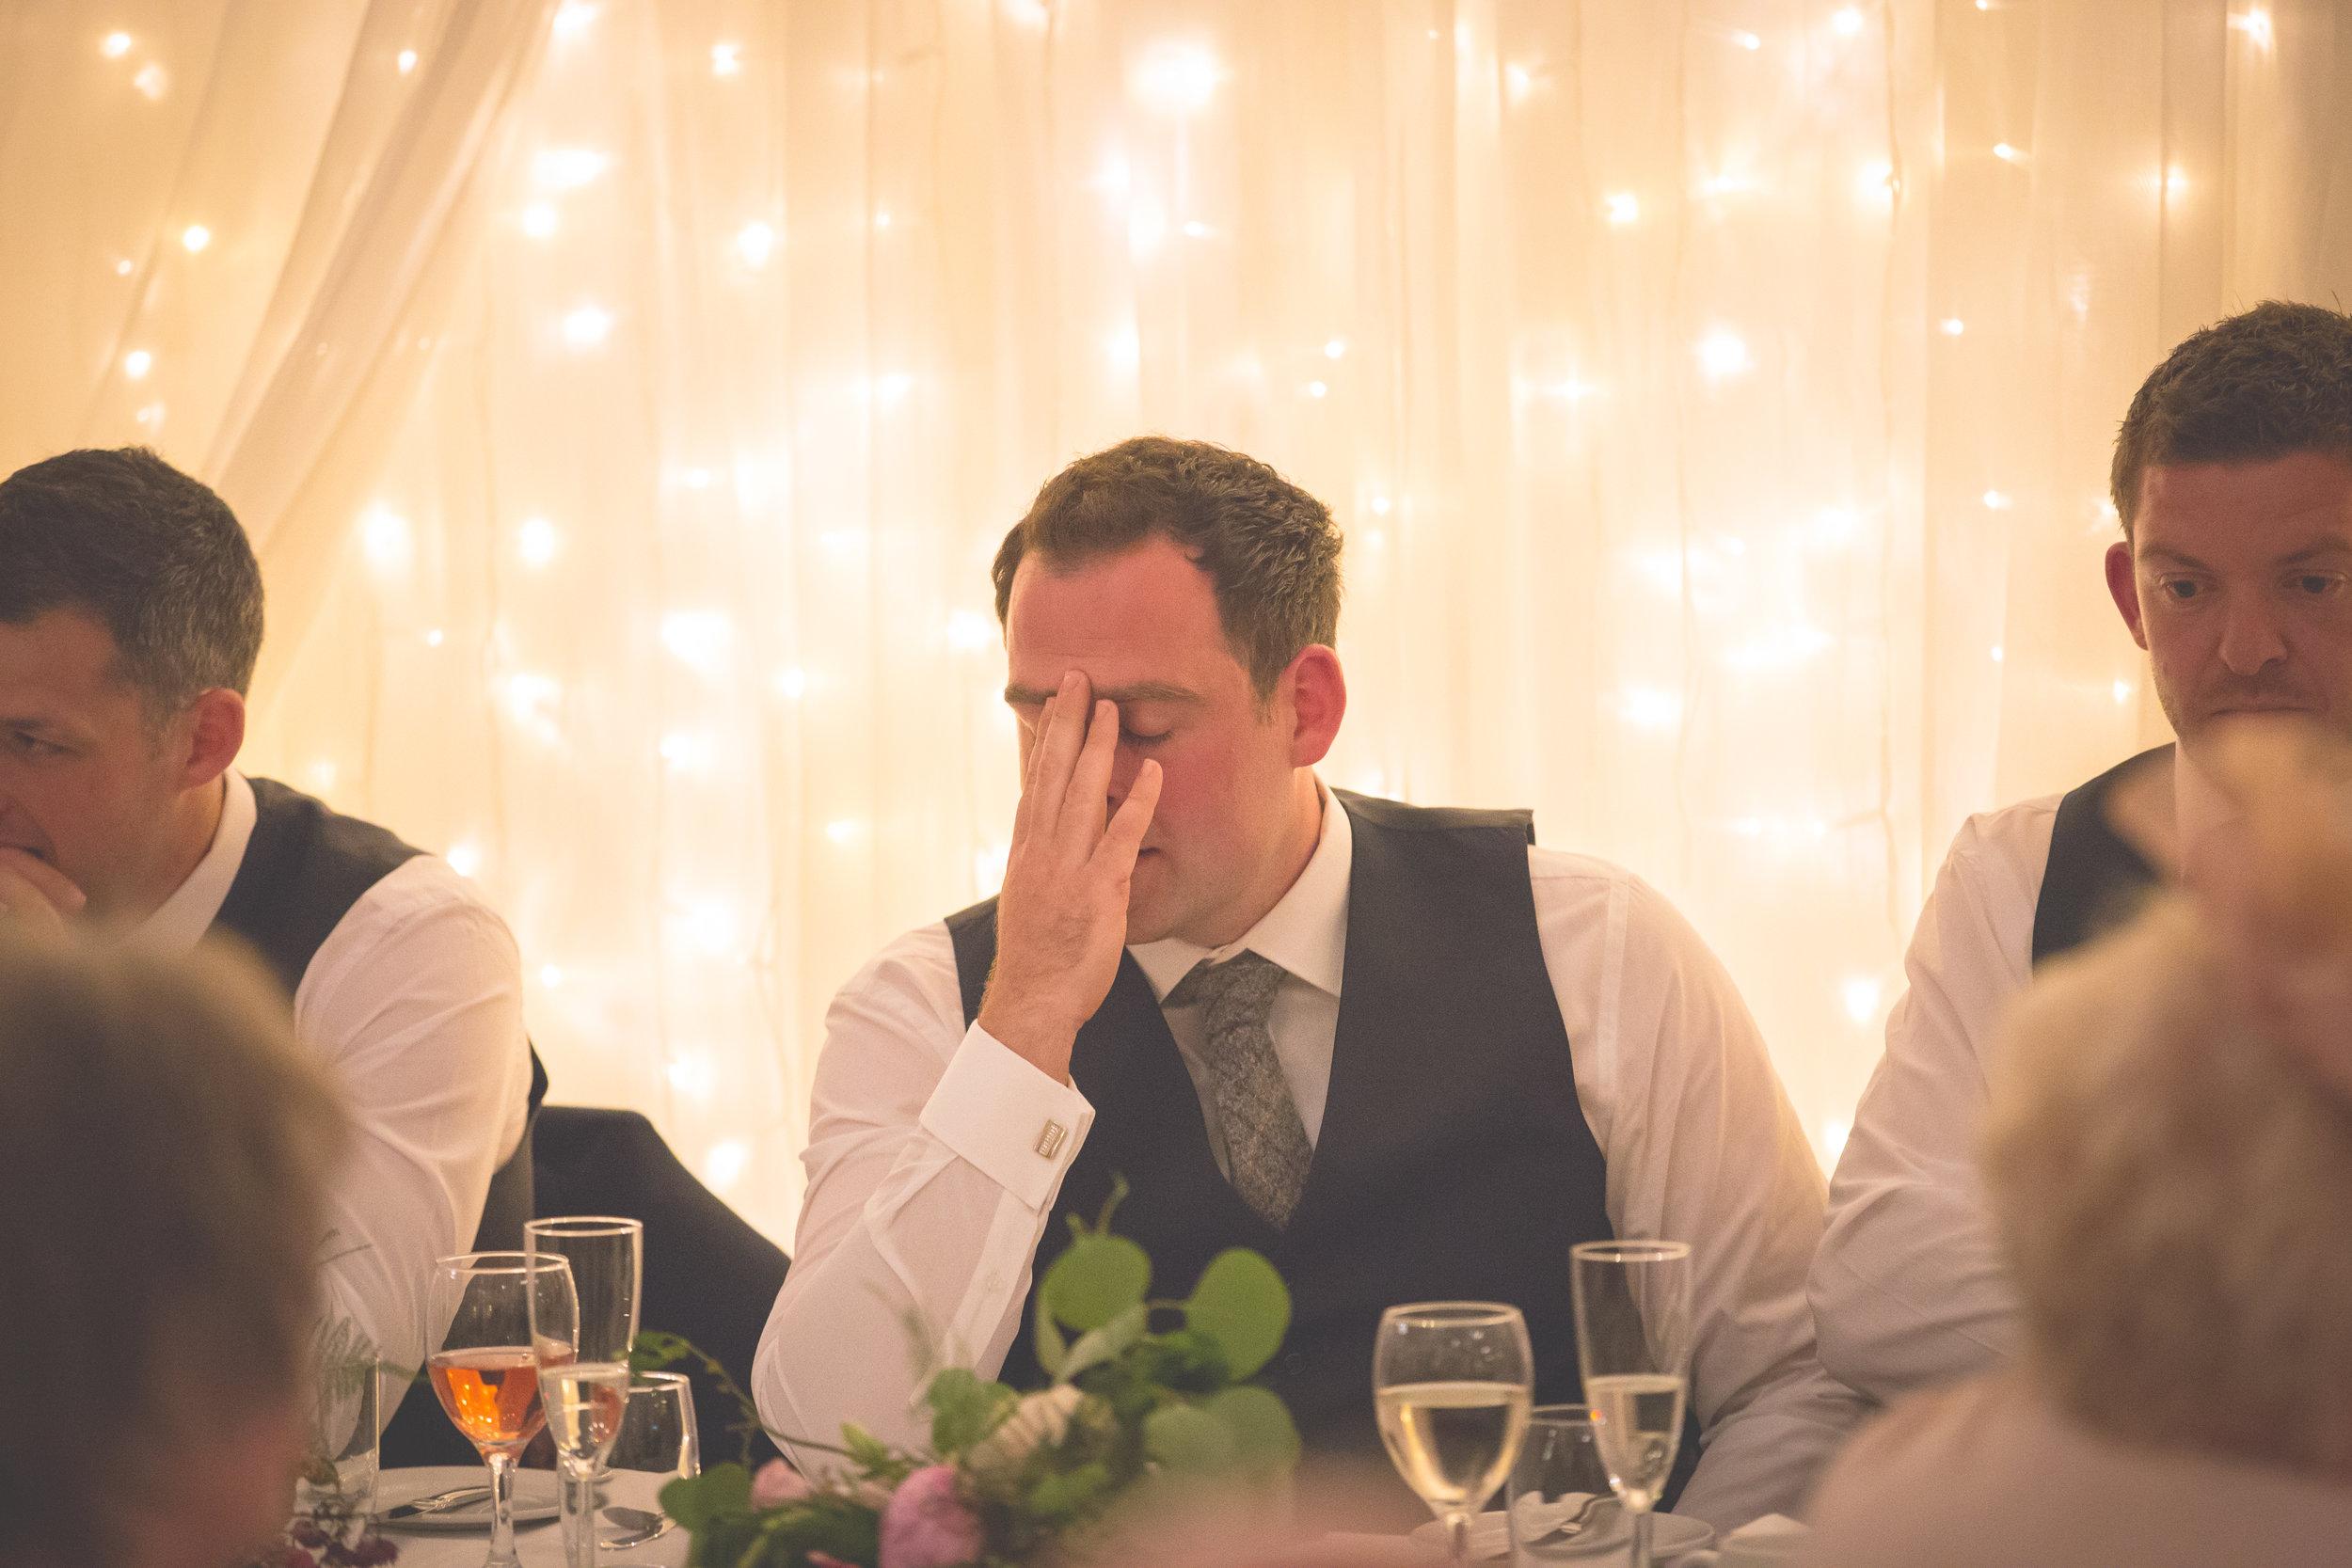 Brian McEwan Wedding Photography | Carol-Anne & Sean | The Speeches-88.jpg